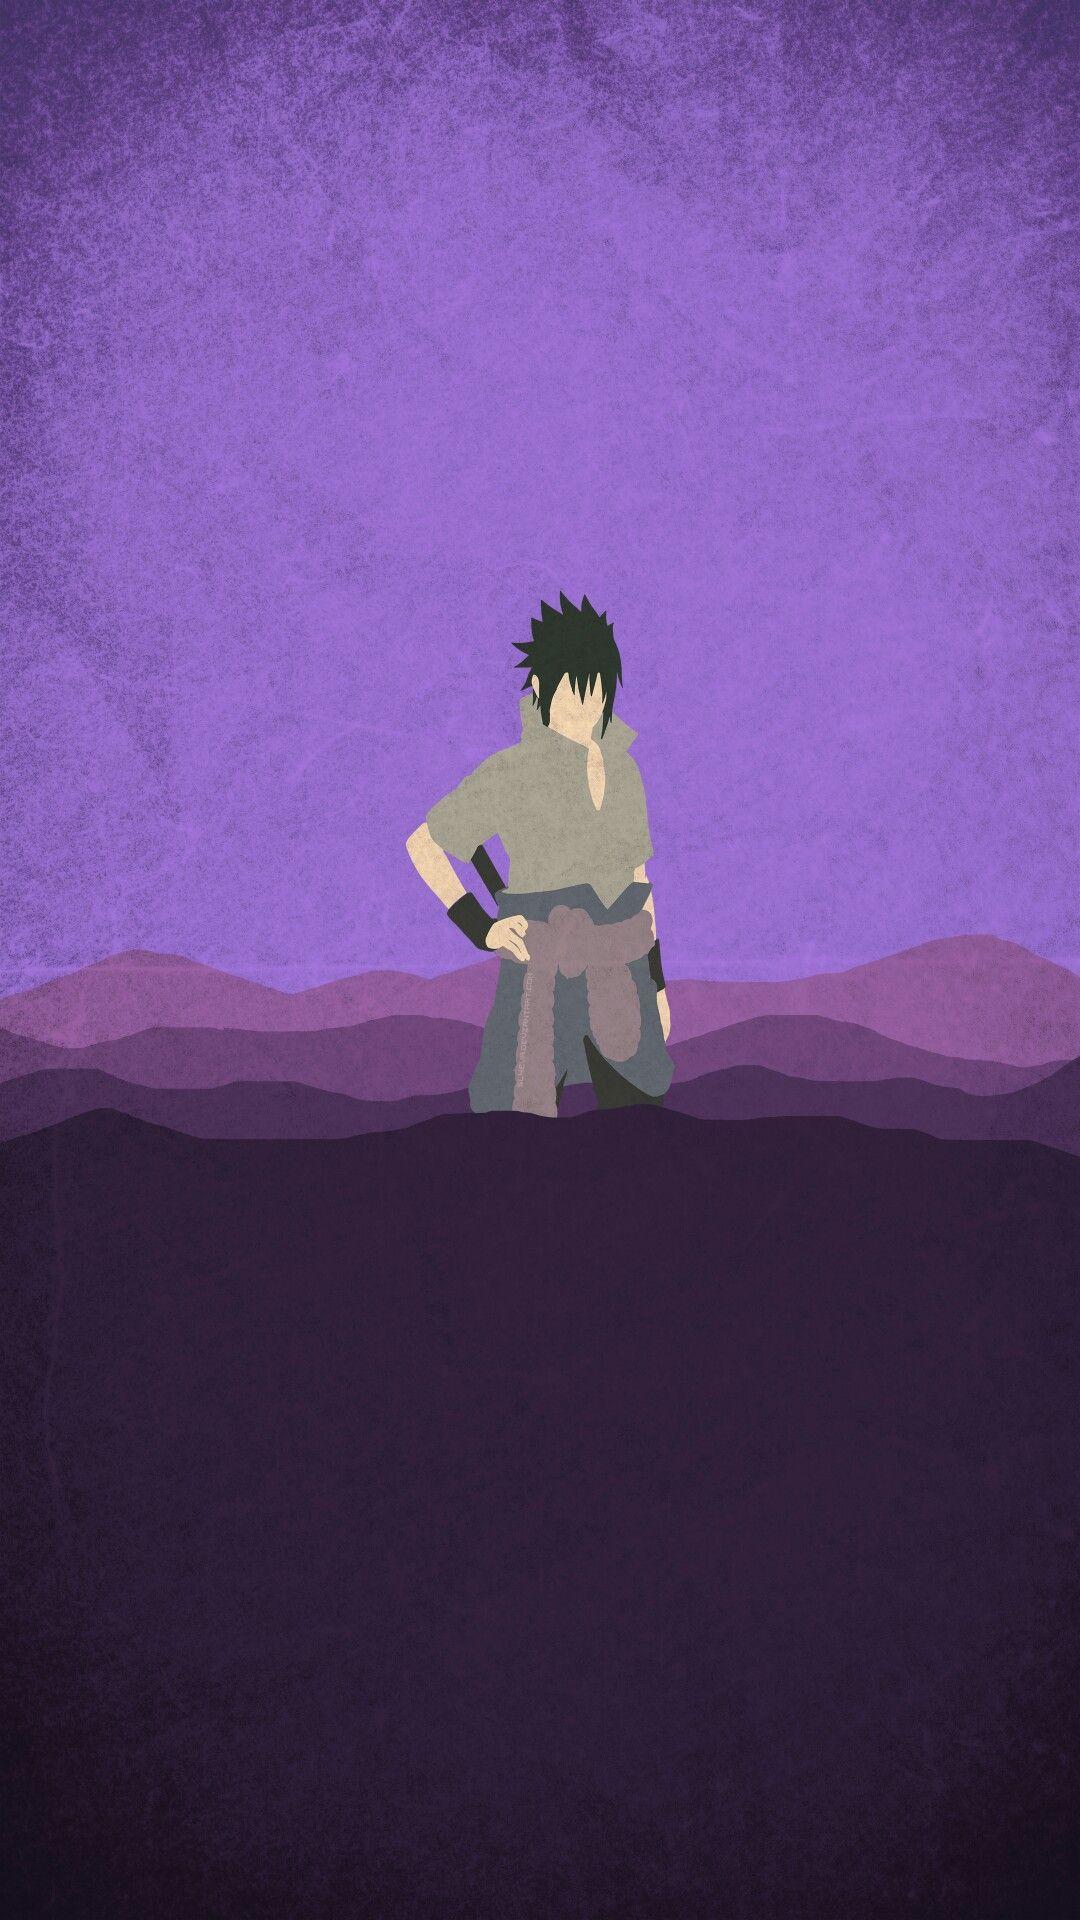 Popular Wallpaper Naruto Purple - 9997f4a43e5b24d7ec728b779b3f1cef  You Should Have_545395.jpg